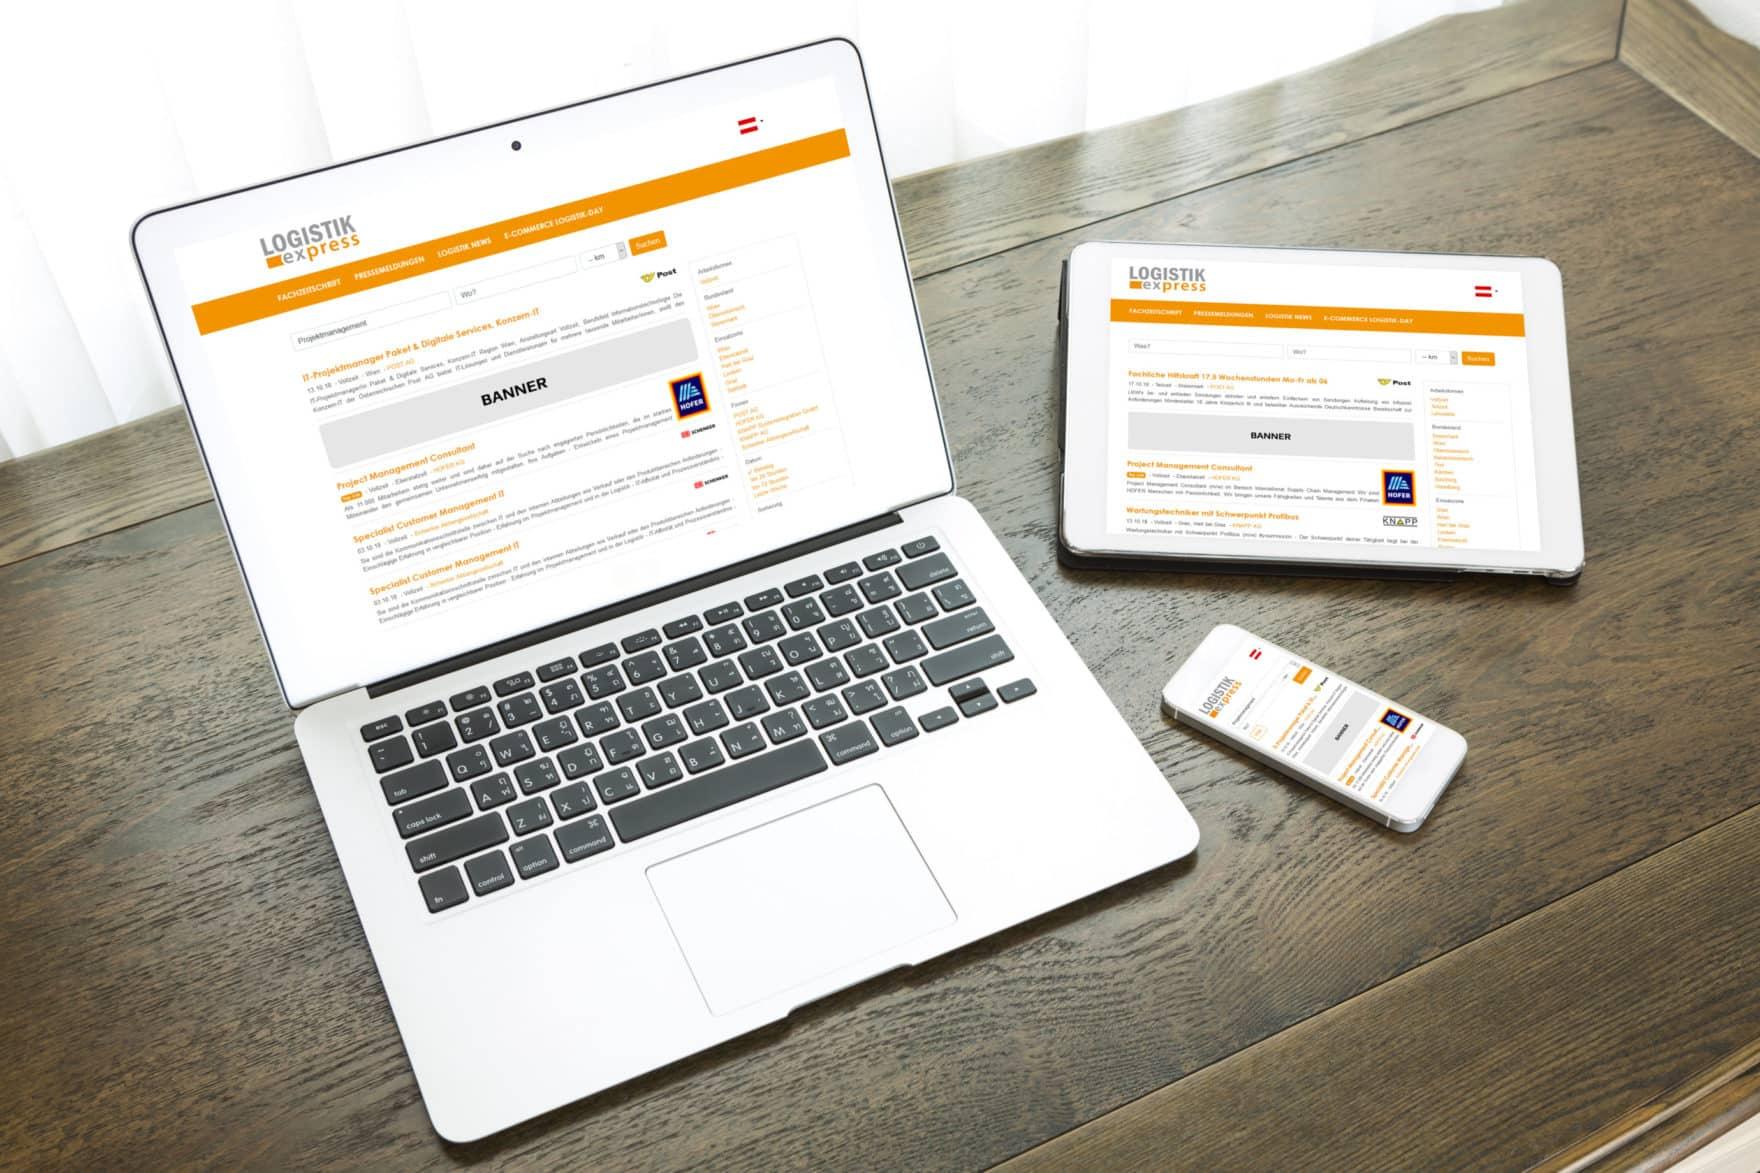 Neues Jobportal für die Logistikbranche. Kooperation mit LOGISTIK express.